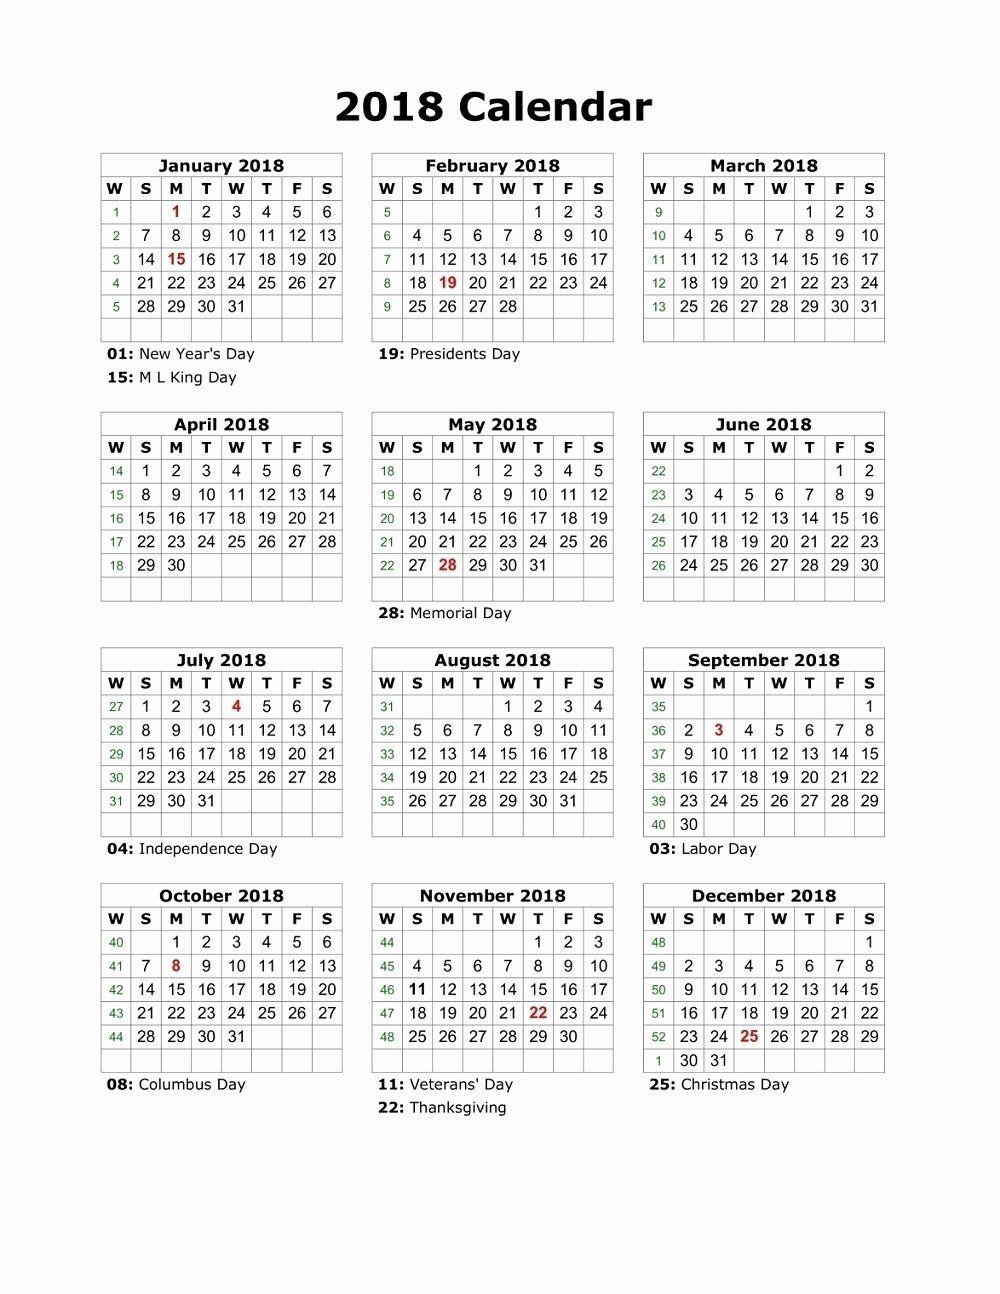 Calendarlabs 2021 Calendar Template Photos